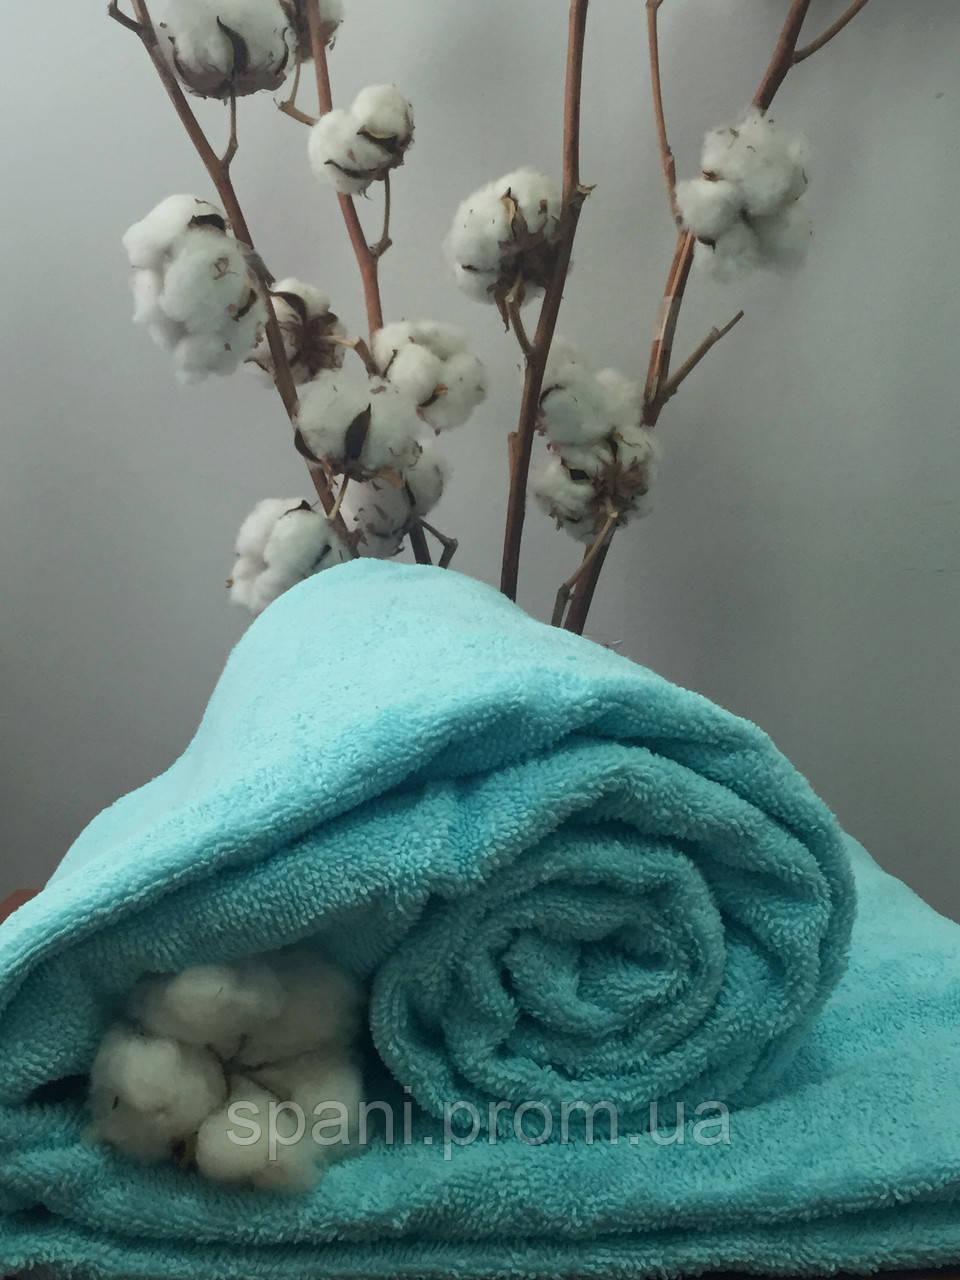 Махровая простынь без резинки 150х200 см, 400 гр/м2 Пакистан, цвет Голубой